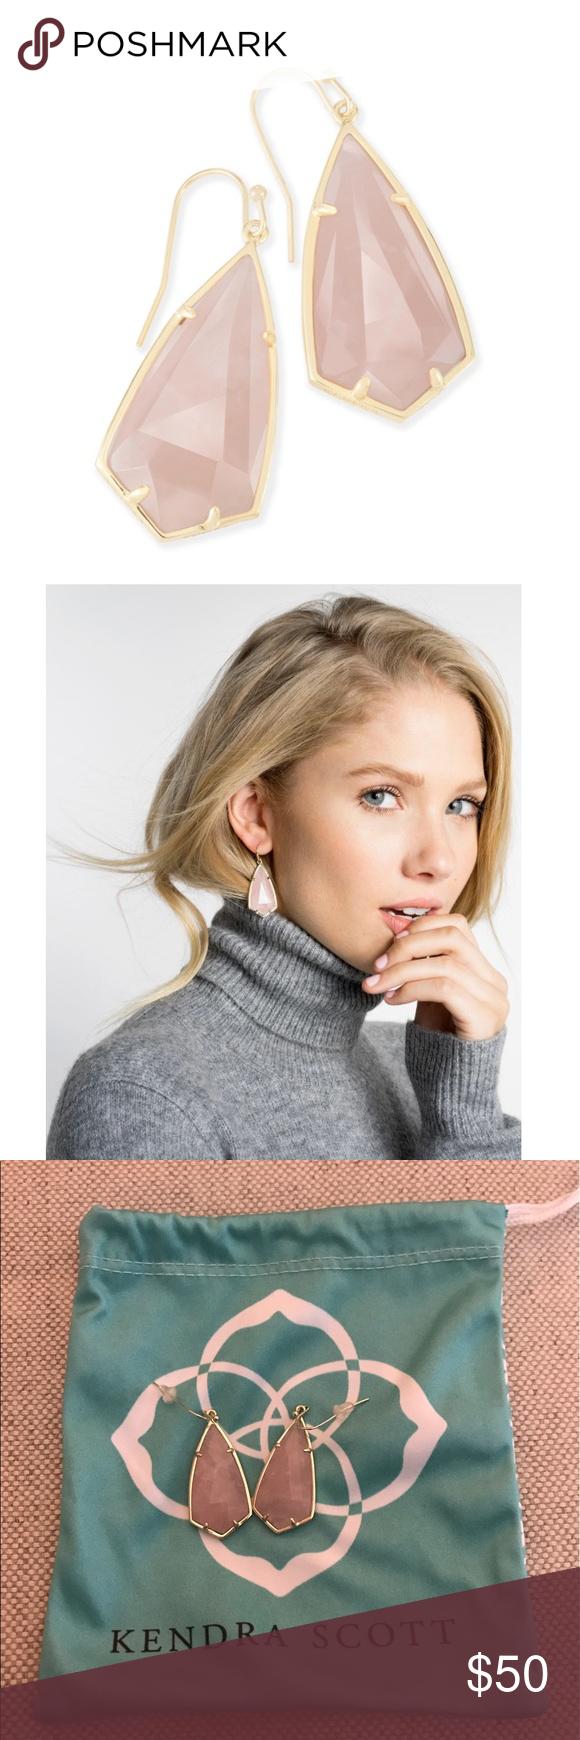 """Kendra Scott Rose Quartz Carla Earrings • 14K Gold Plated Over Brass • Size: 1.85""""L x 0.72""""W on earwire • Material: rose quartz Kendra Scott Jewelry Earrings"""